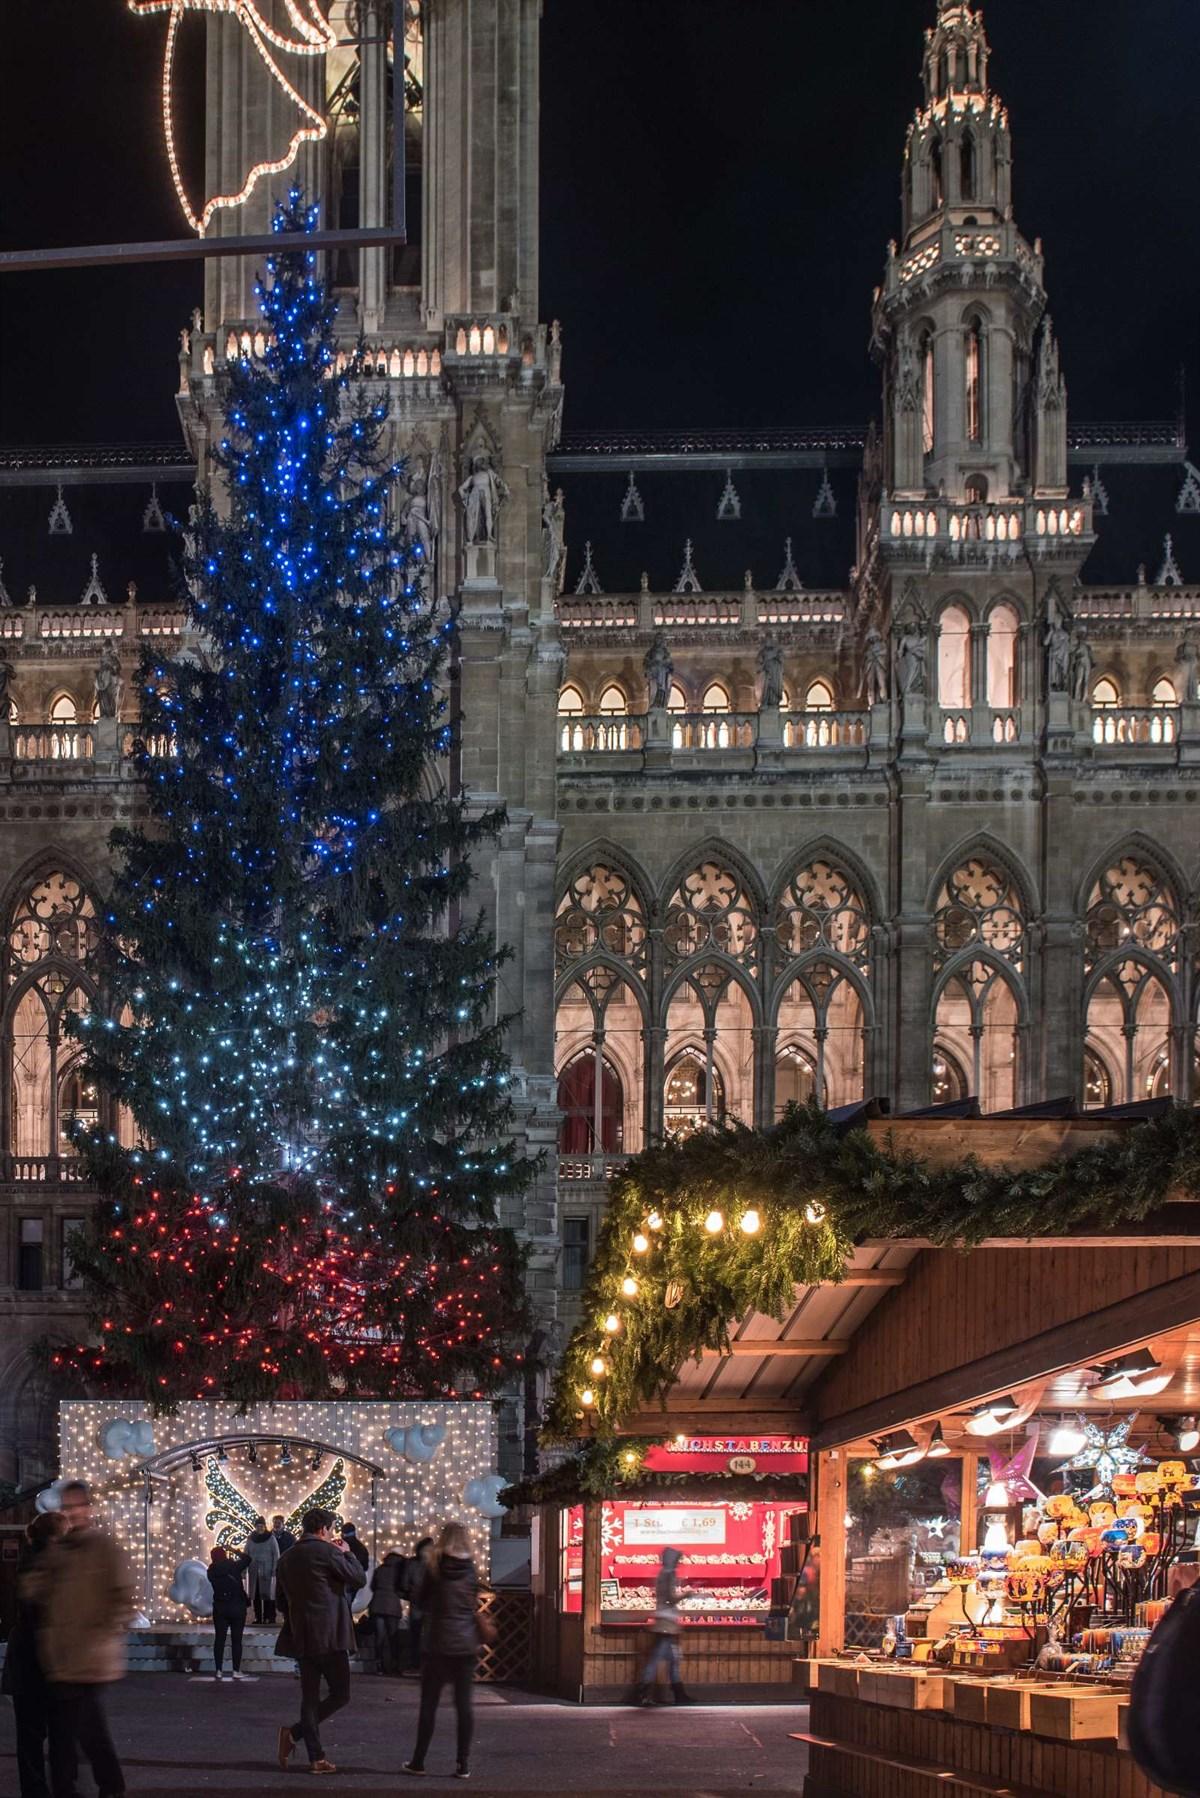 Der Weihnachtsbaum am Rathausplatz - Jedes Jahr ein Erlebnis